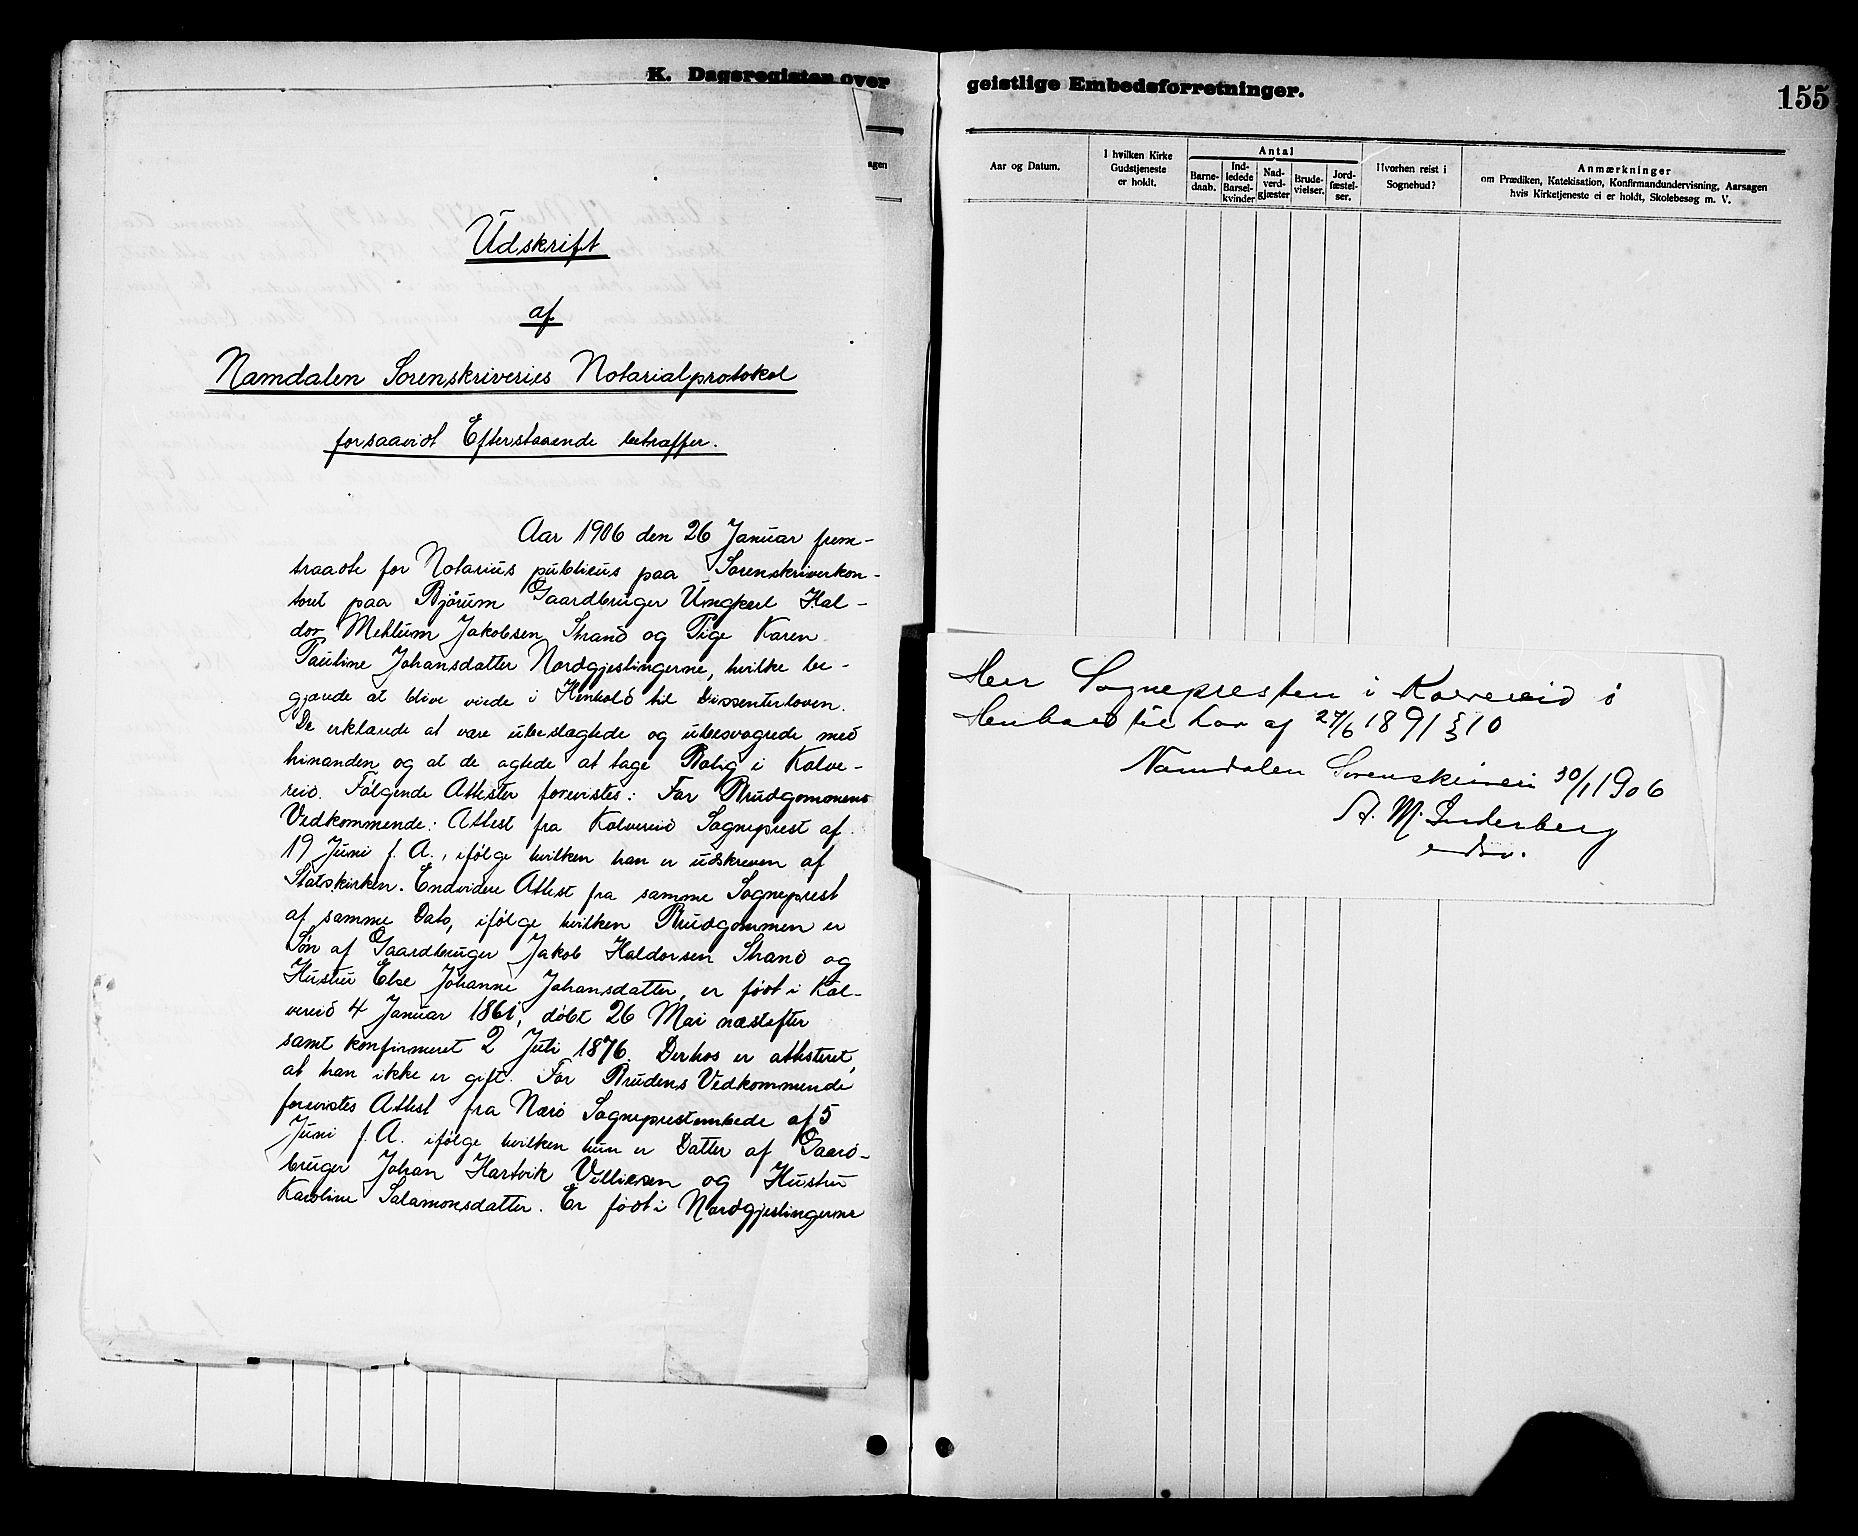 SAT, Ministerialprotokoller, klokkerbøker og fødselsregistre - Nord-Trøndelag, 780/L0652: Klokkerbok nr. 780C04, 1899-1911, s. 155